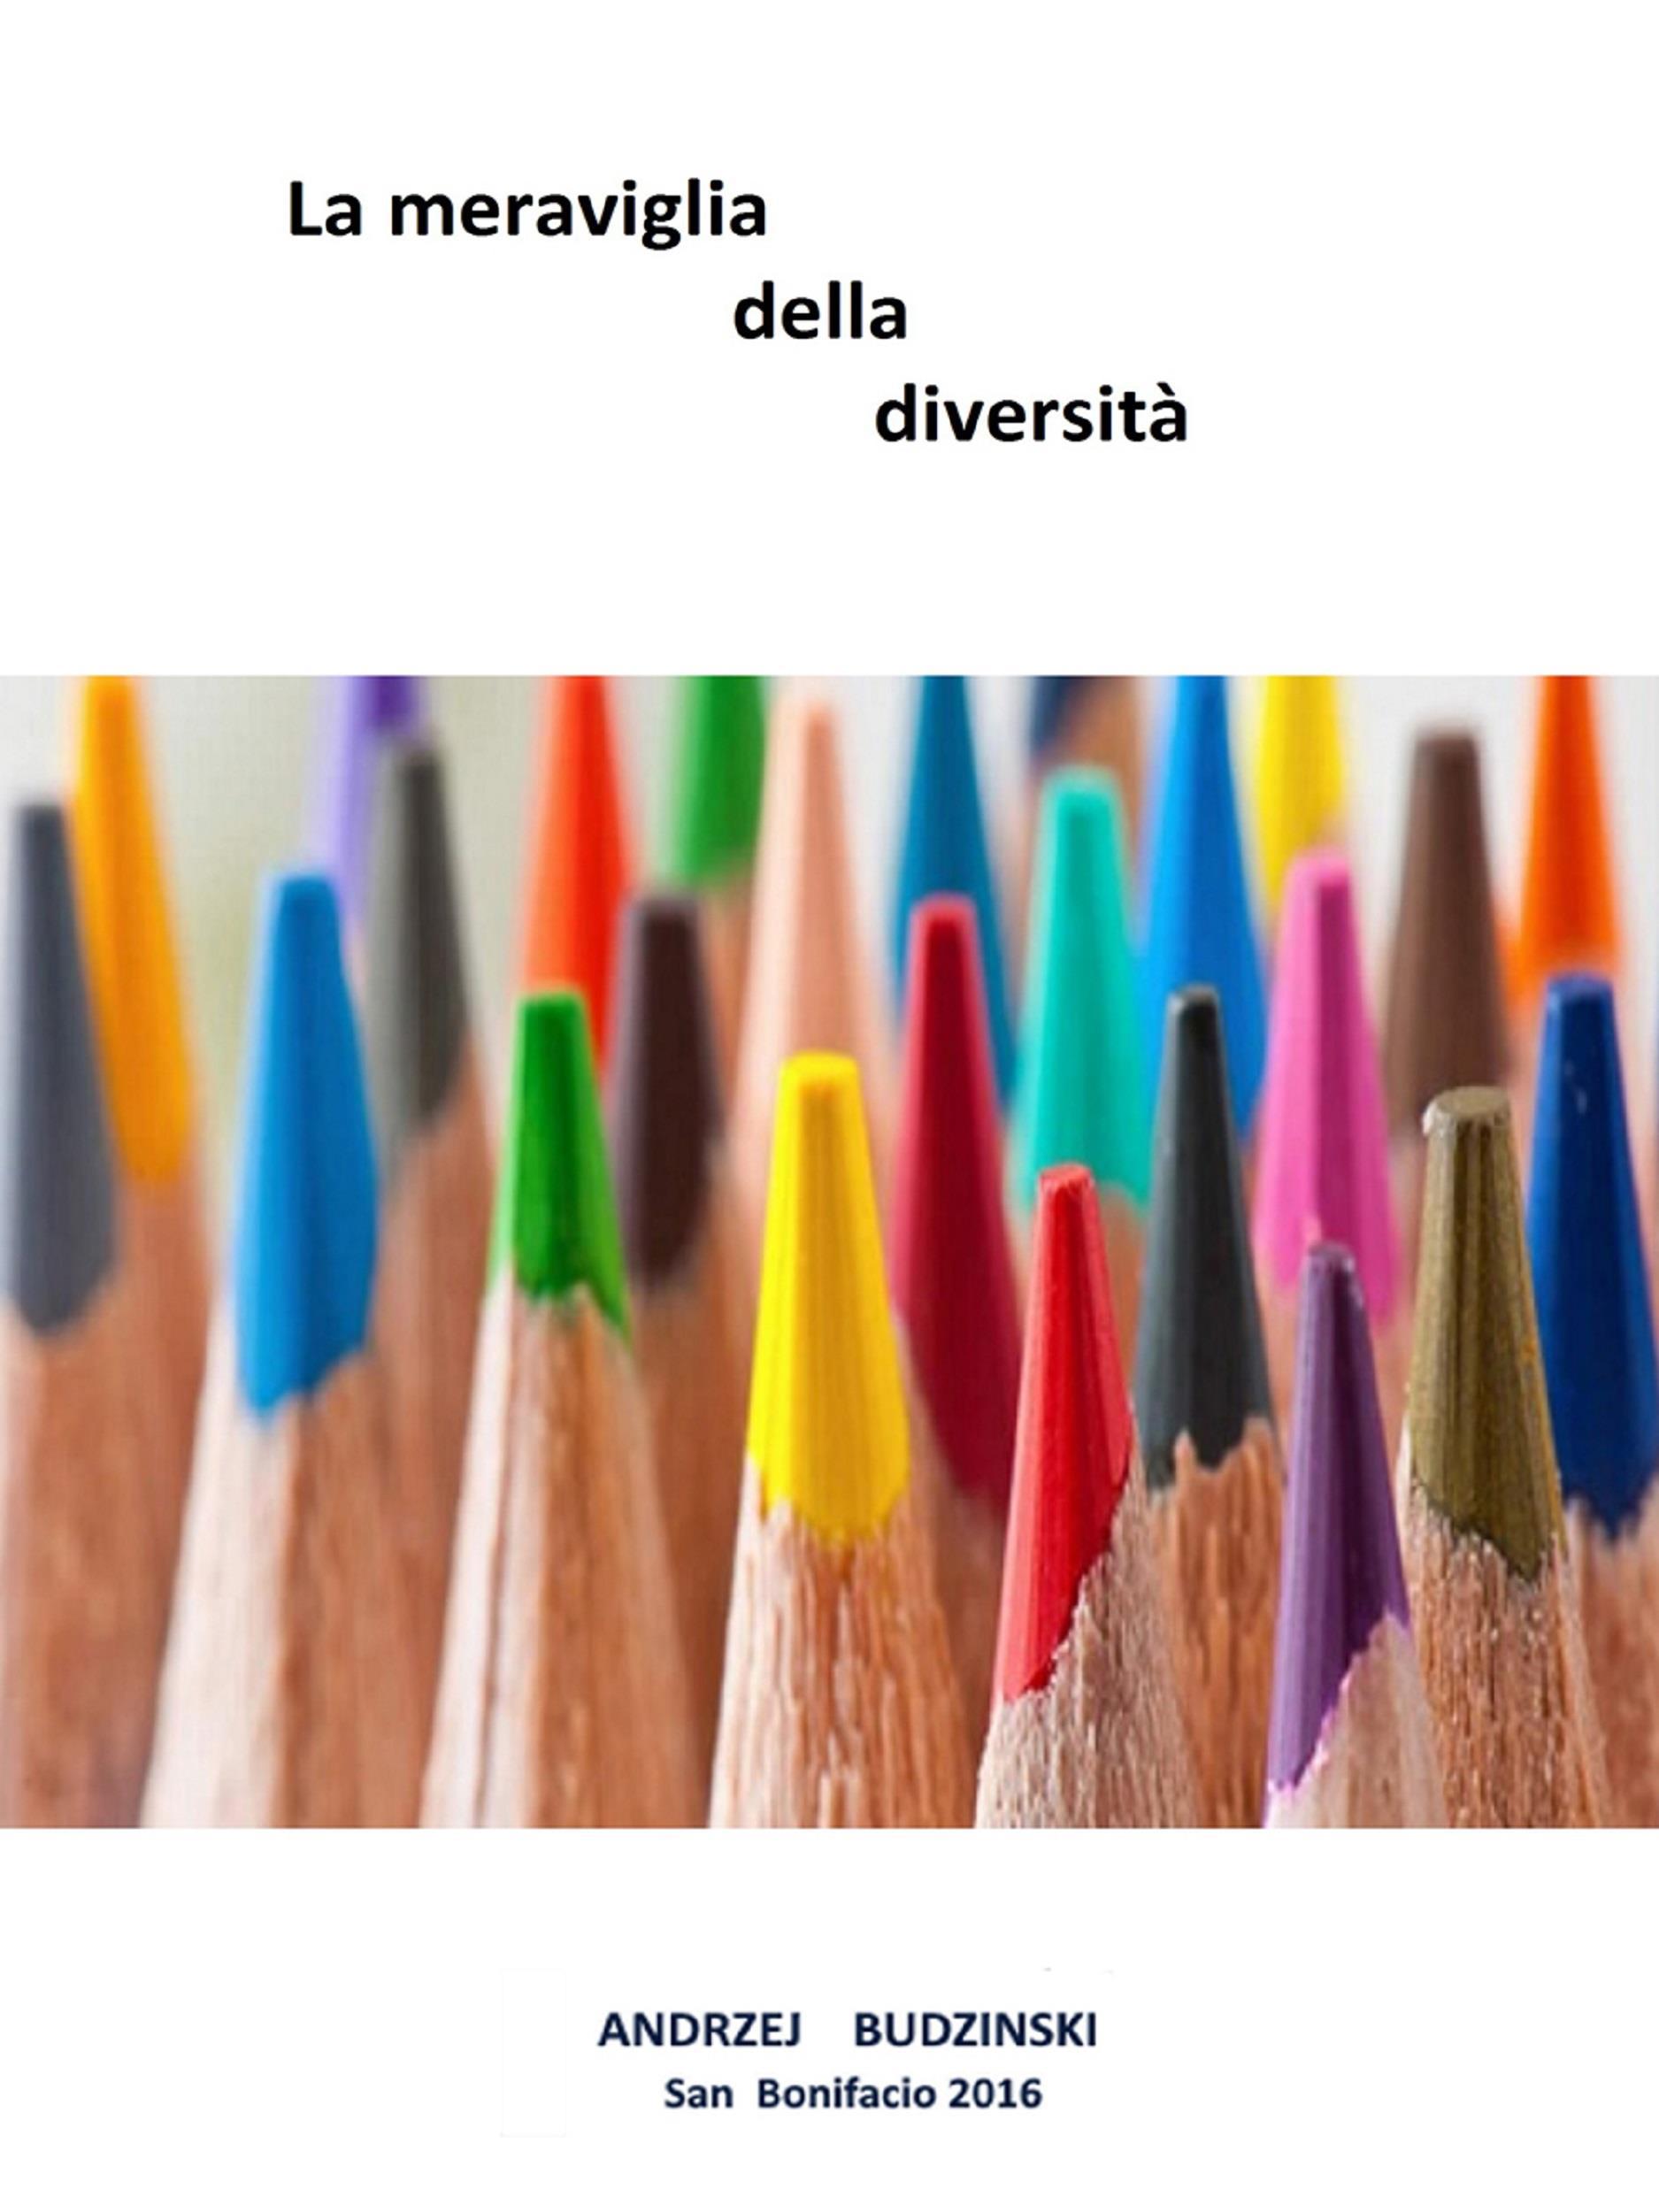 La meraviglia della diversità